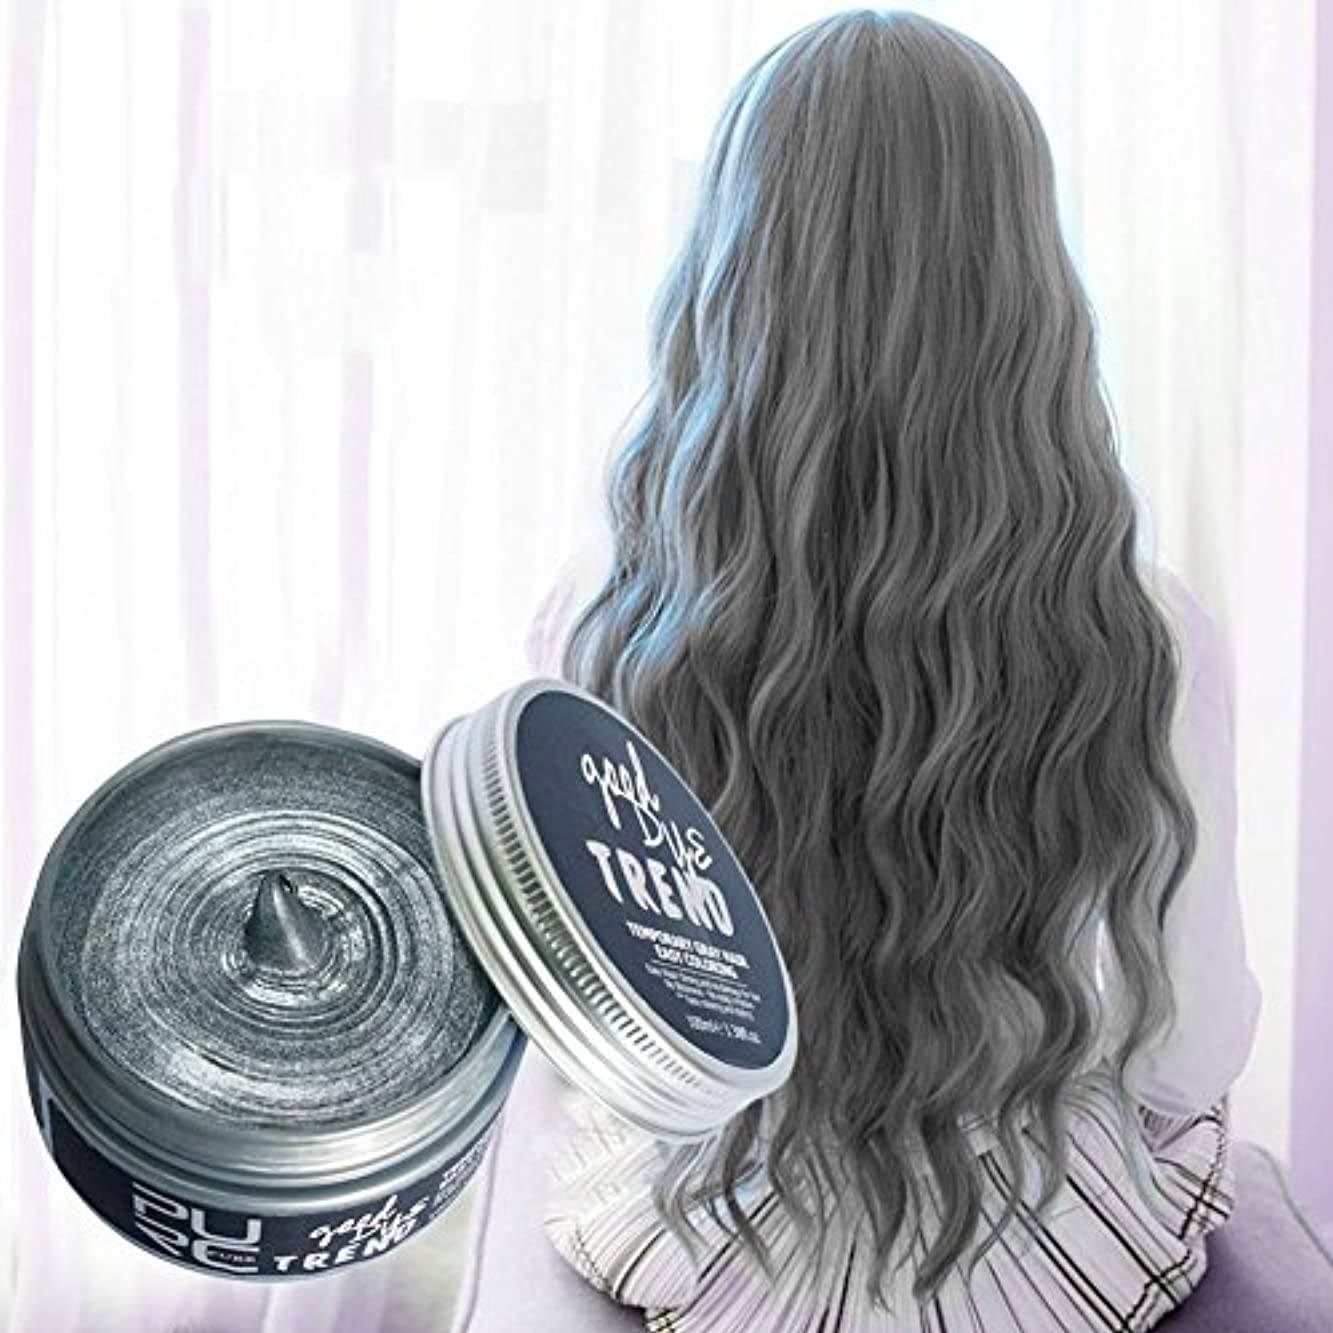 検索エンジンマーケティング略すジュニアSILUN ファッションウォッシャブル7色ヘアカラーポマードワックスマッド染料スタイリングクリーム使い捨てdiyヘアカラーワックス 染毛剤